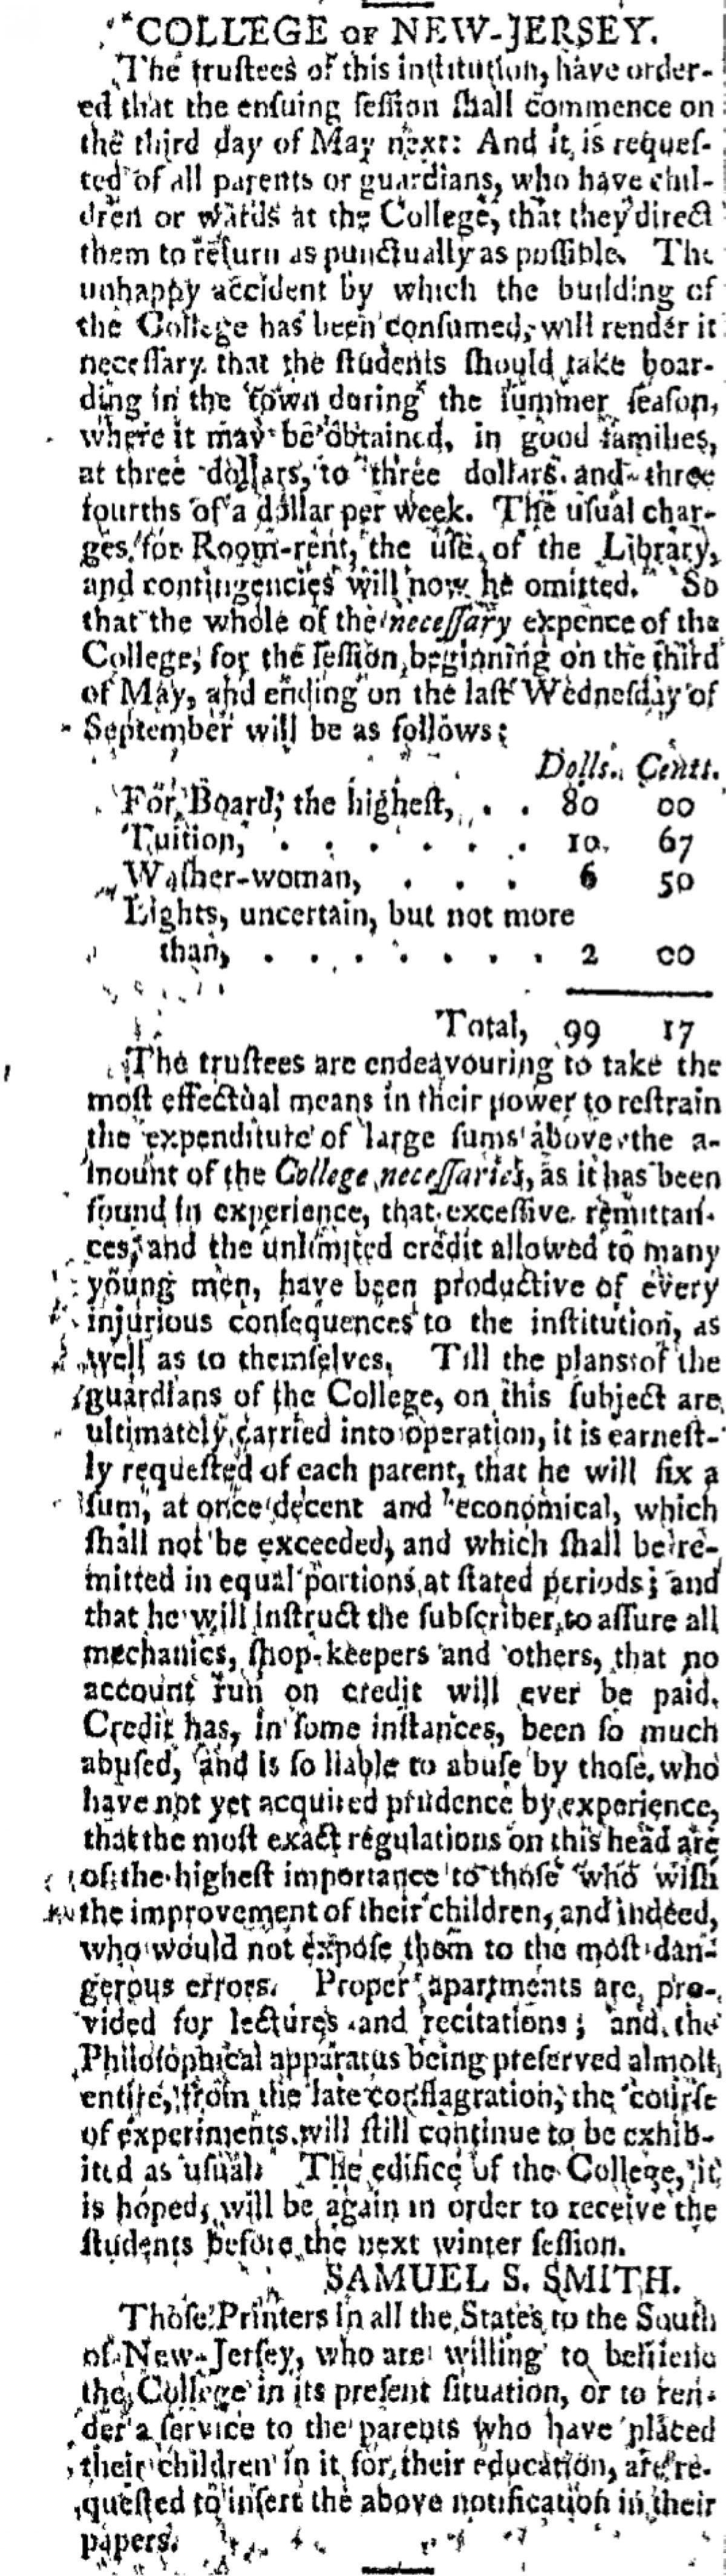 1802 Trustee Announcement